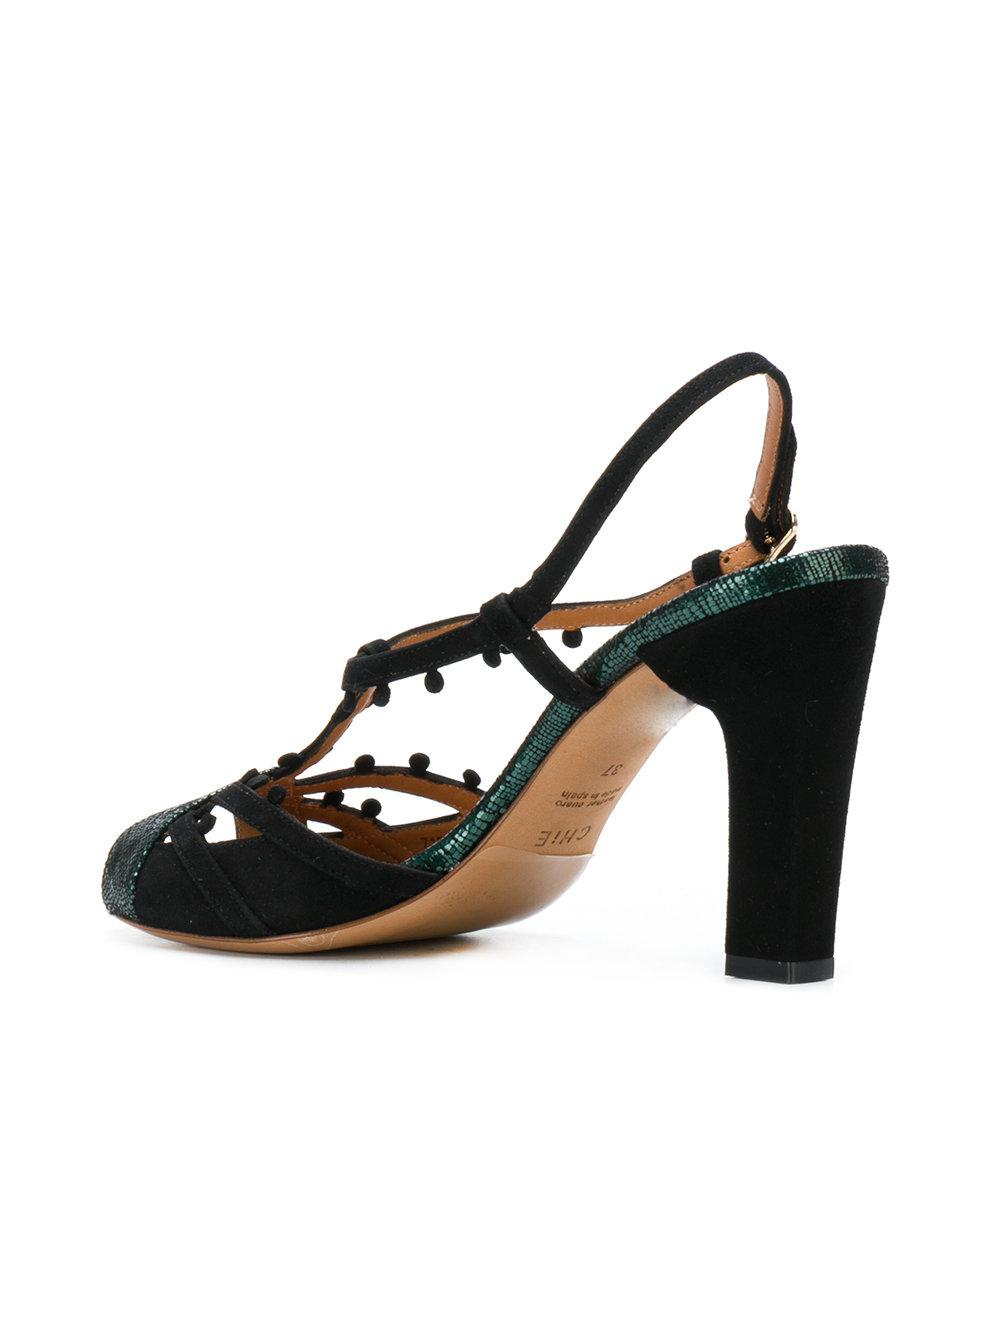 Chie Mihara Sandales Métalliques - Noir qnPZCkaGRm